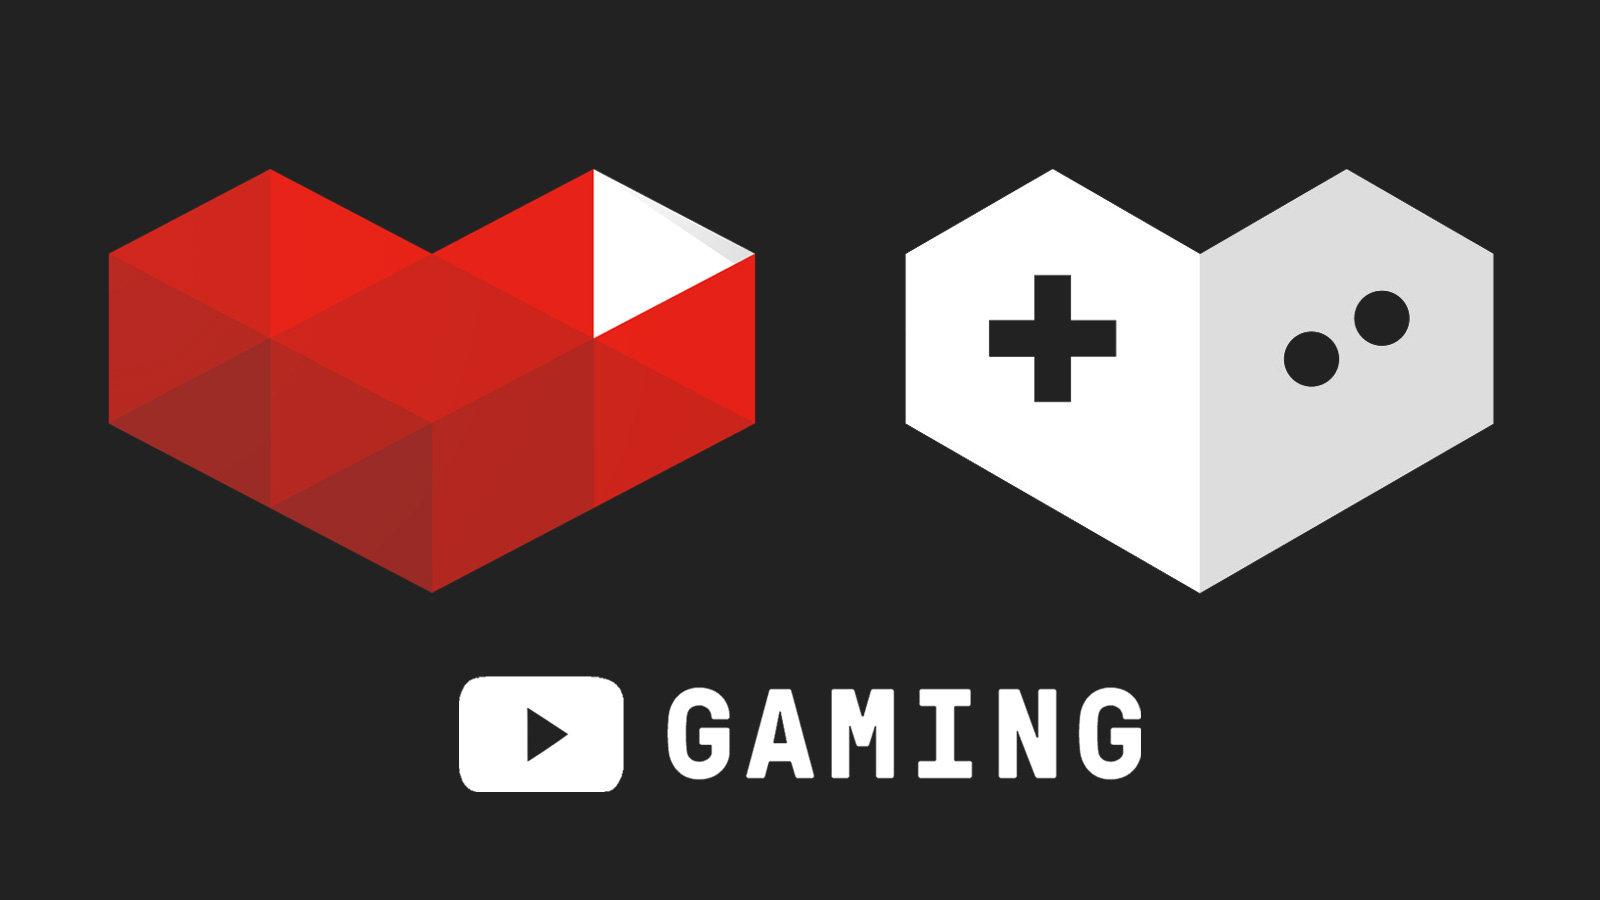 Como transmitir seu gameplay no youtube. Transmitir gameplay no youtube é uma possibilidade e, se feito dentro dos padrões estabelecidos pelo google, pode levar até à monetização